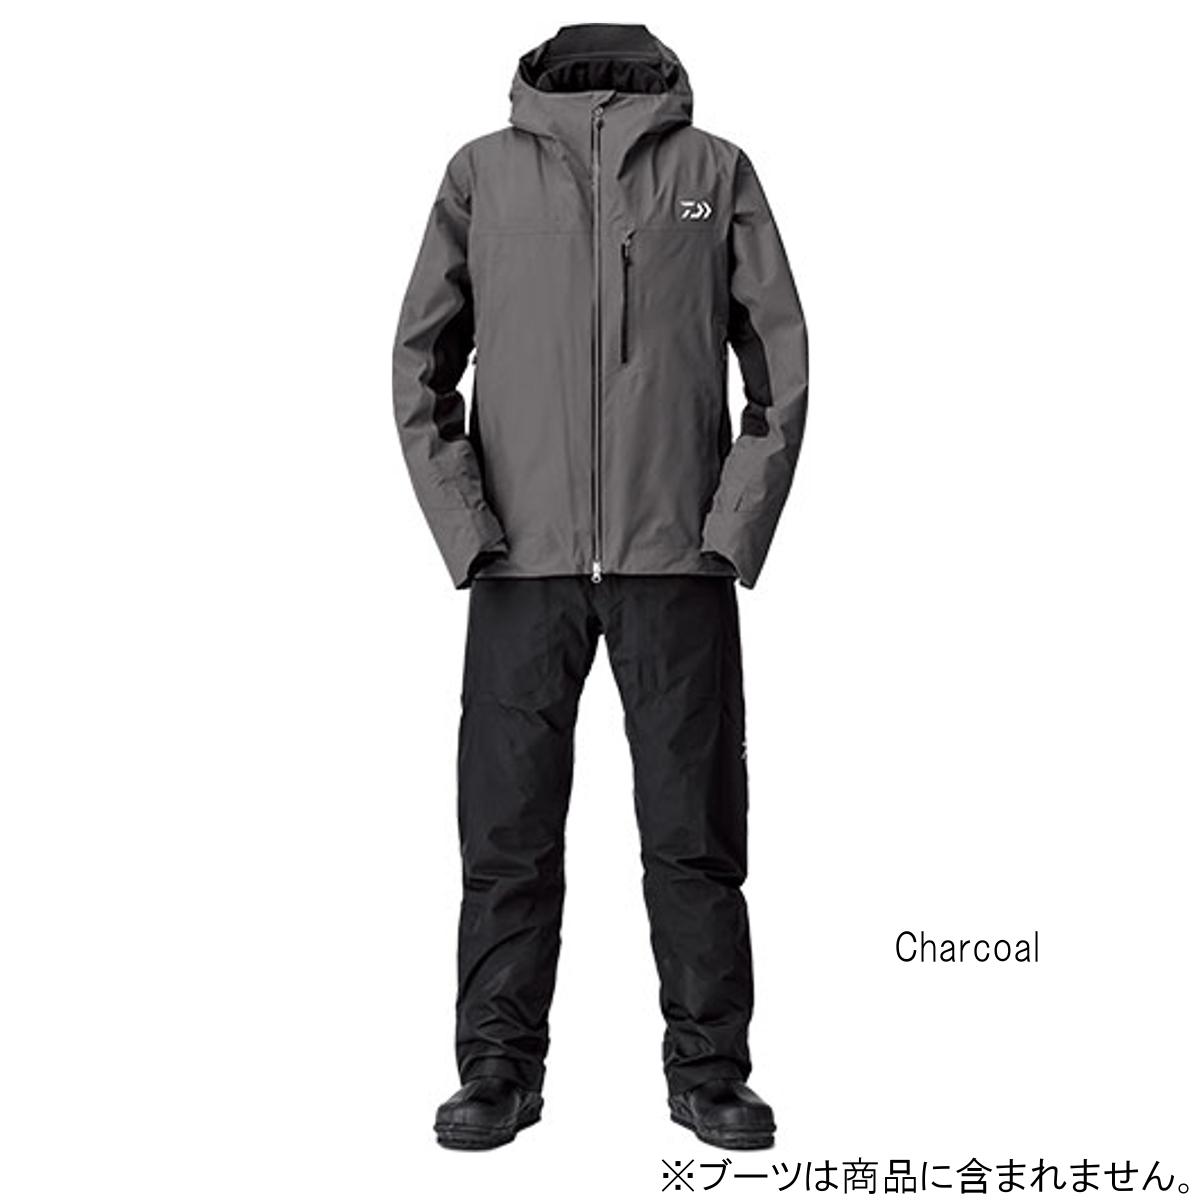 ダイワ ゴアテックス プロダクト ウィンタースーツ DW-1208 XL Charcoal(東日本店)